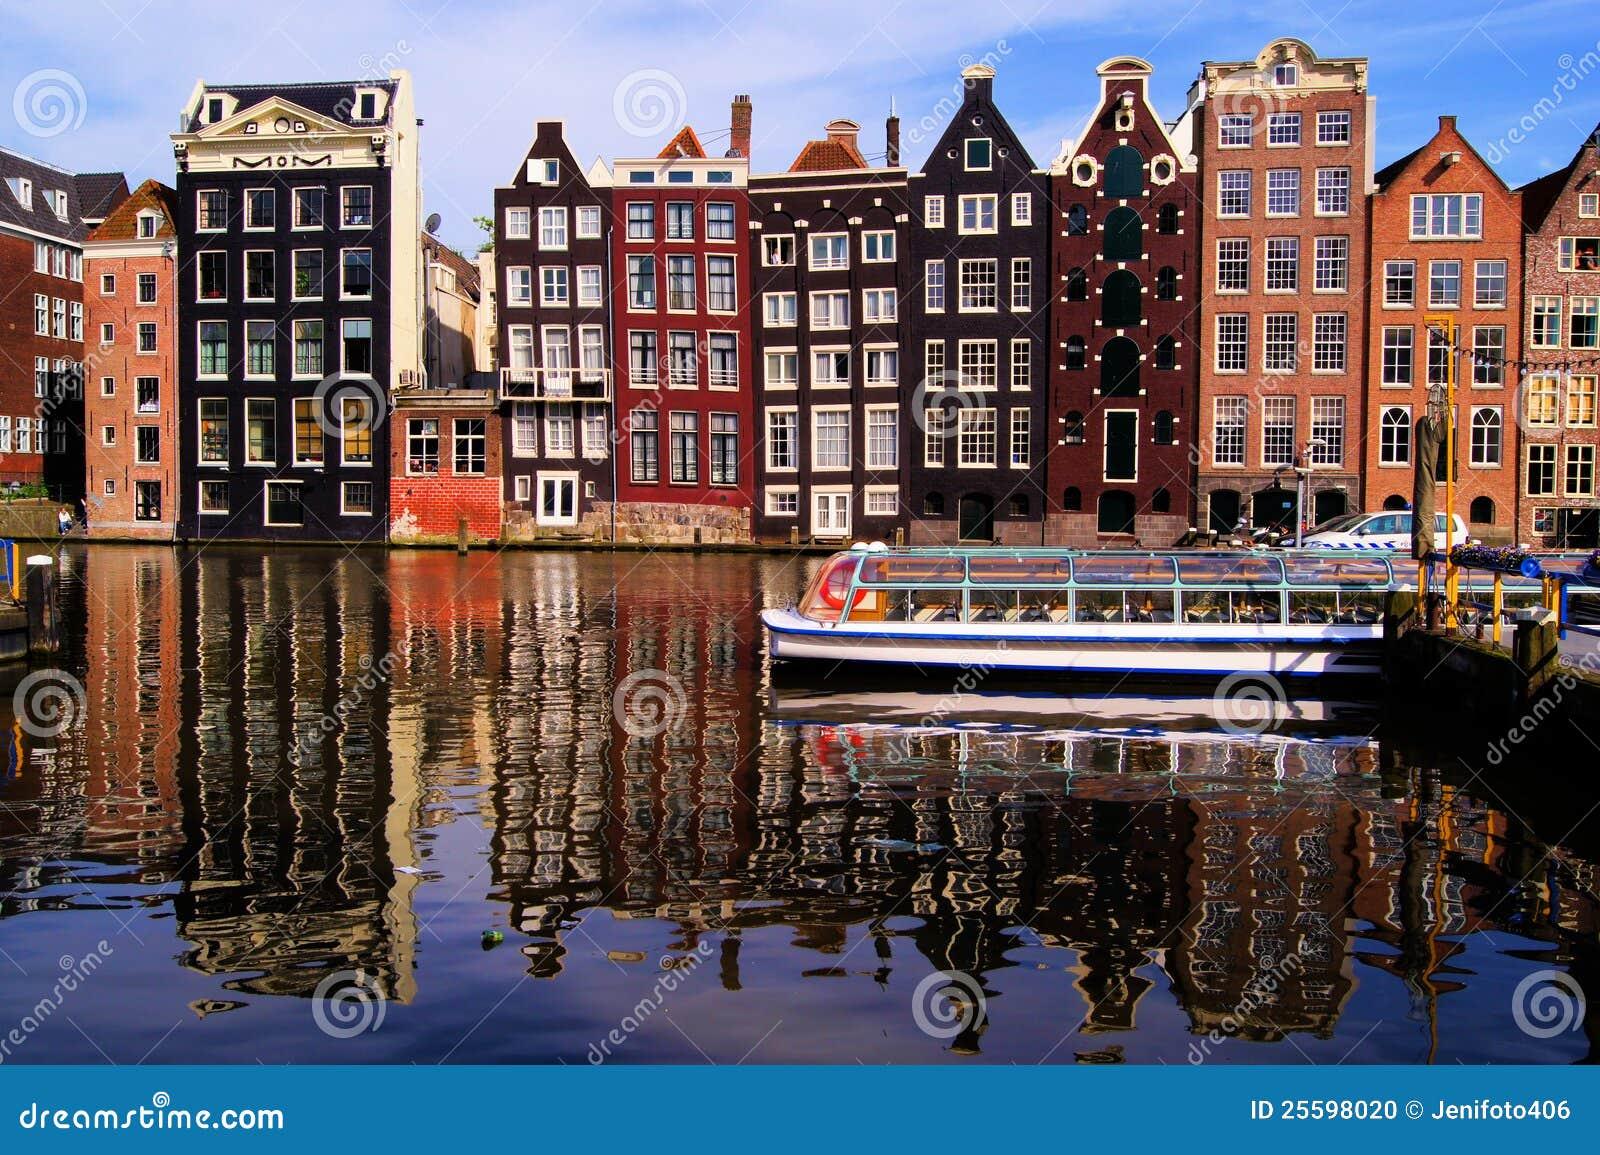 Schilderachtig Amsterdam